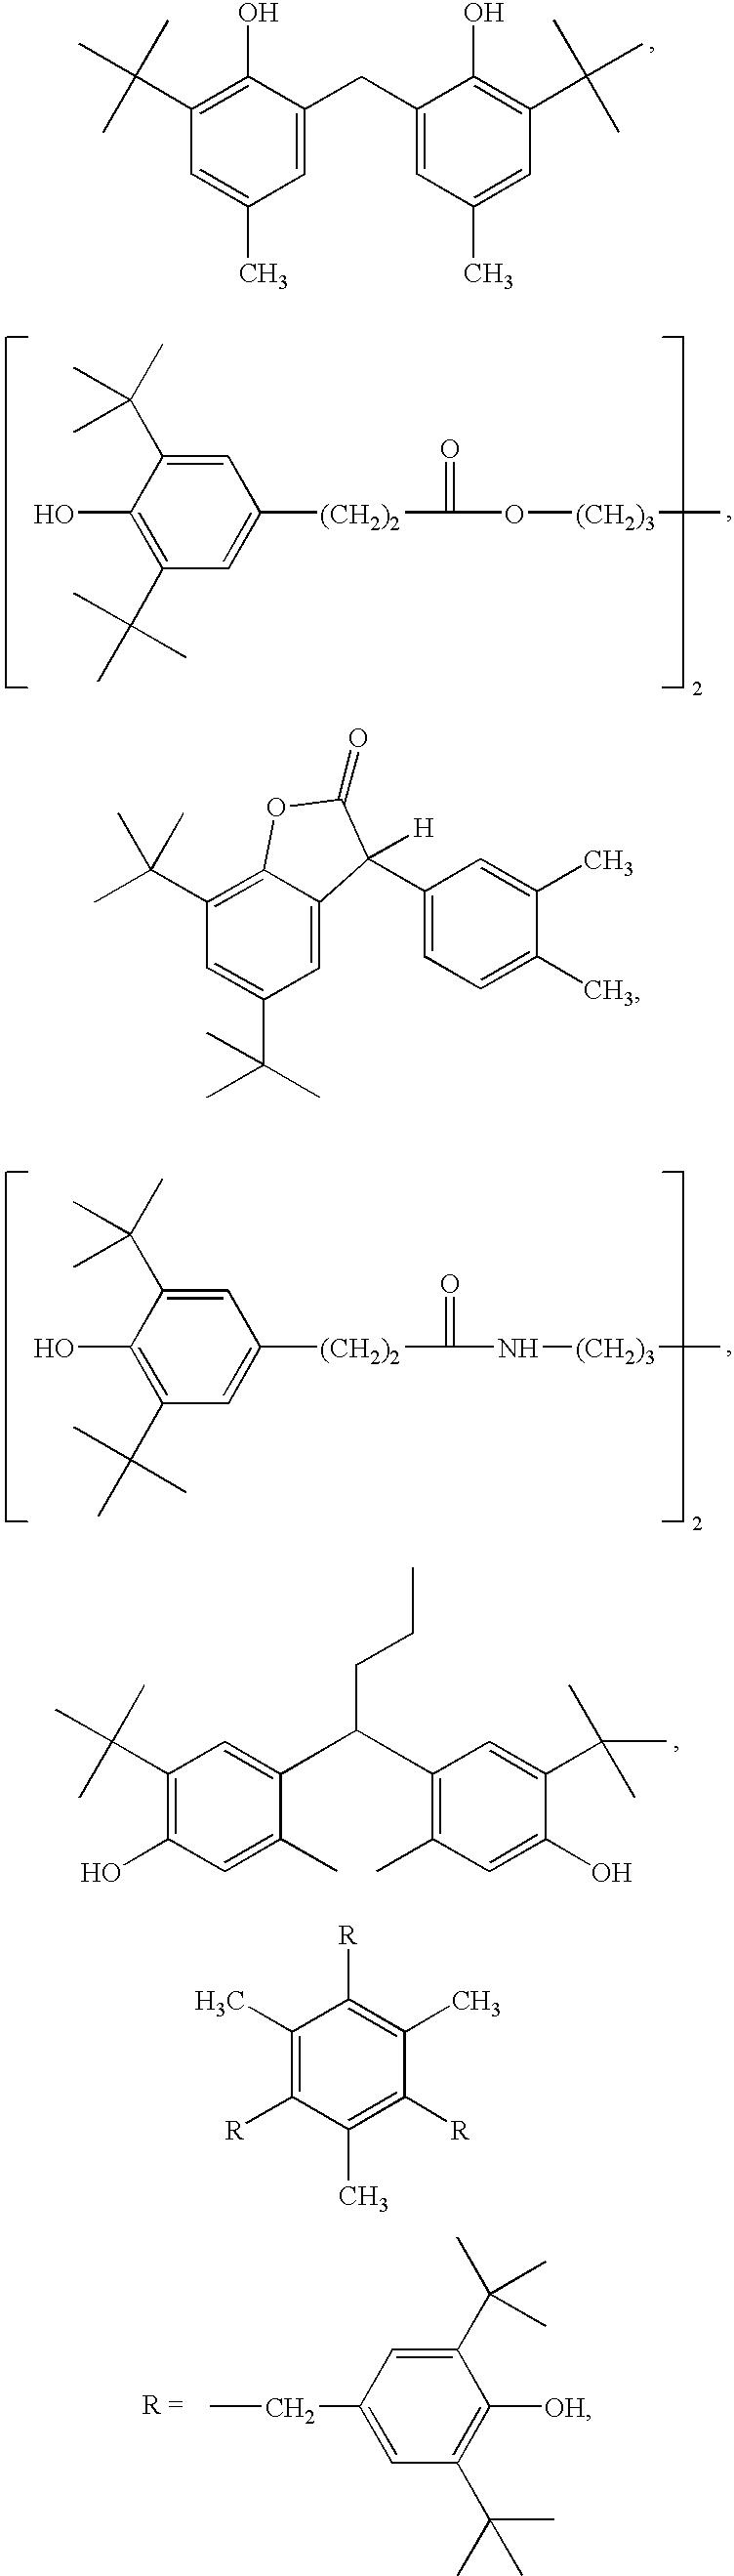 Figure US20090175804A1-20090709-C00028